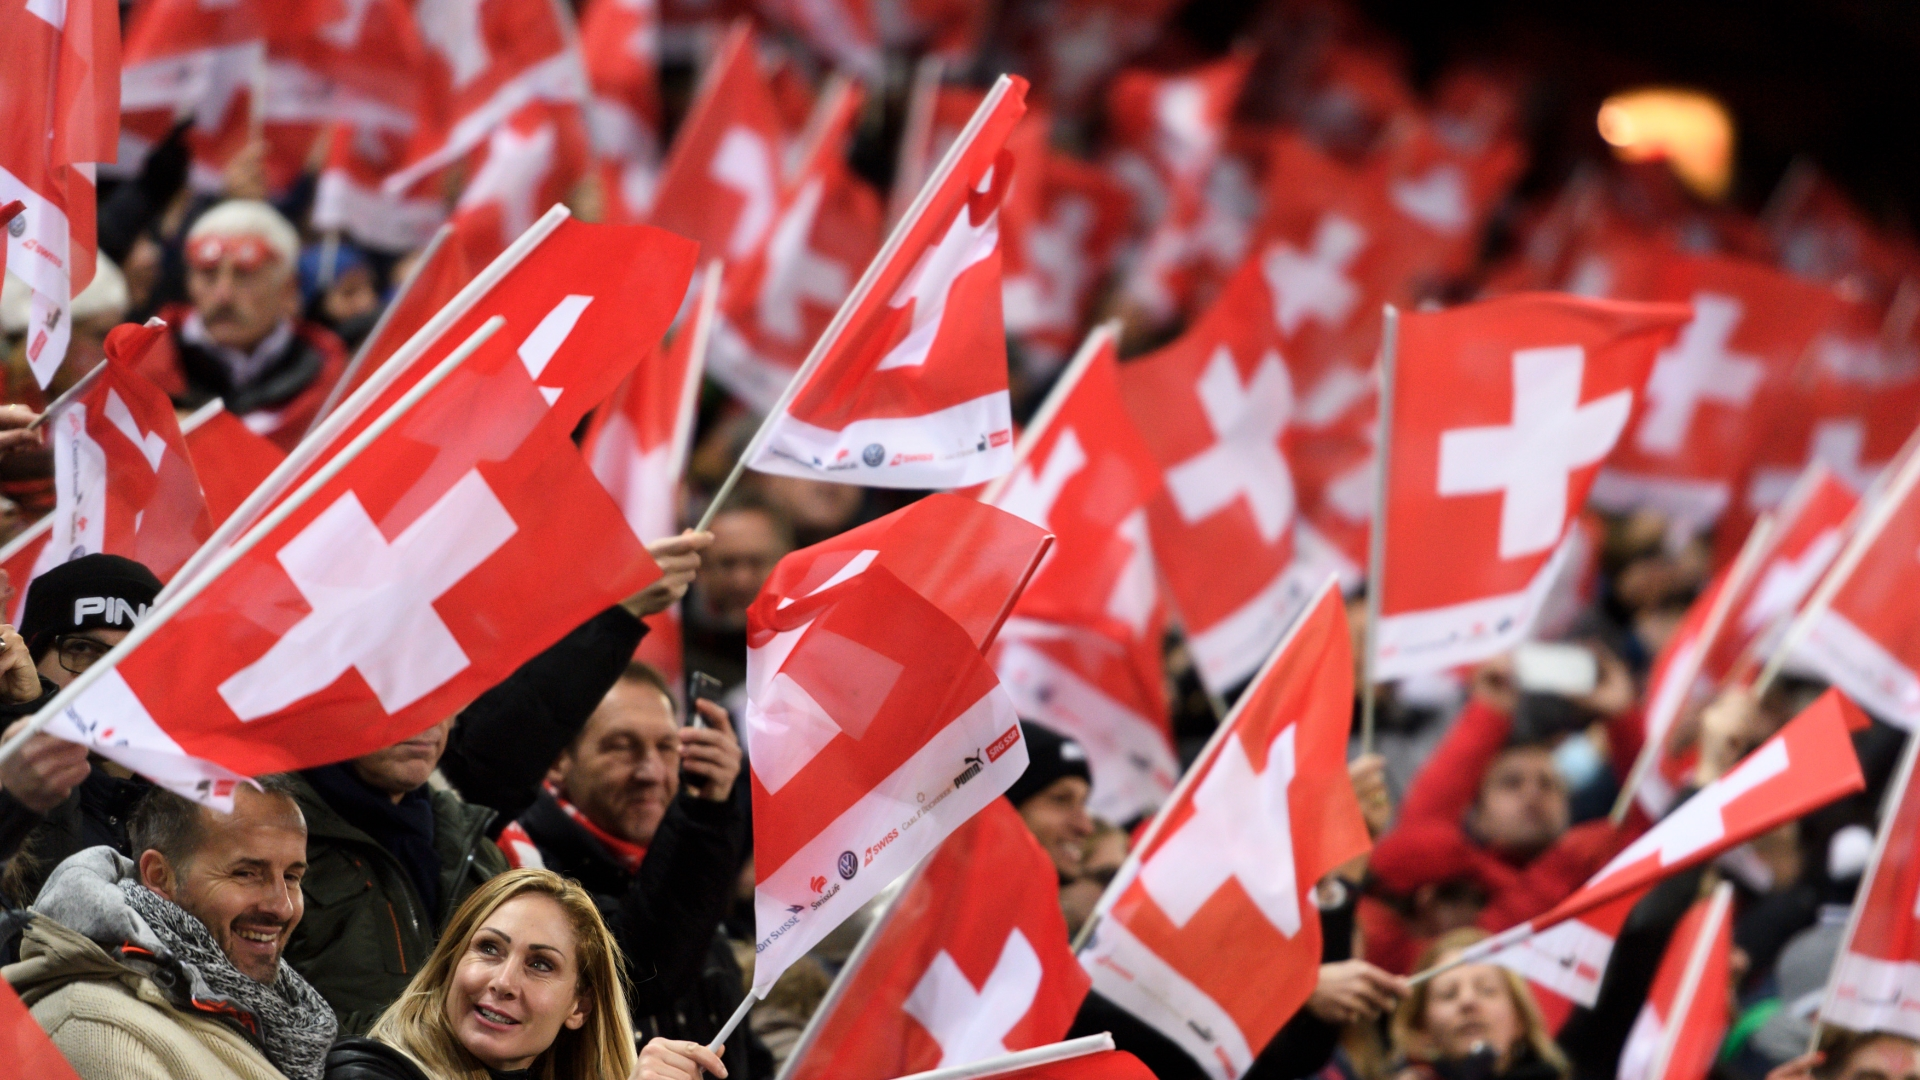 Switzerland fans